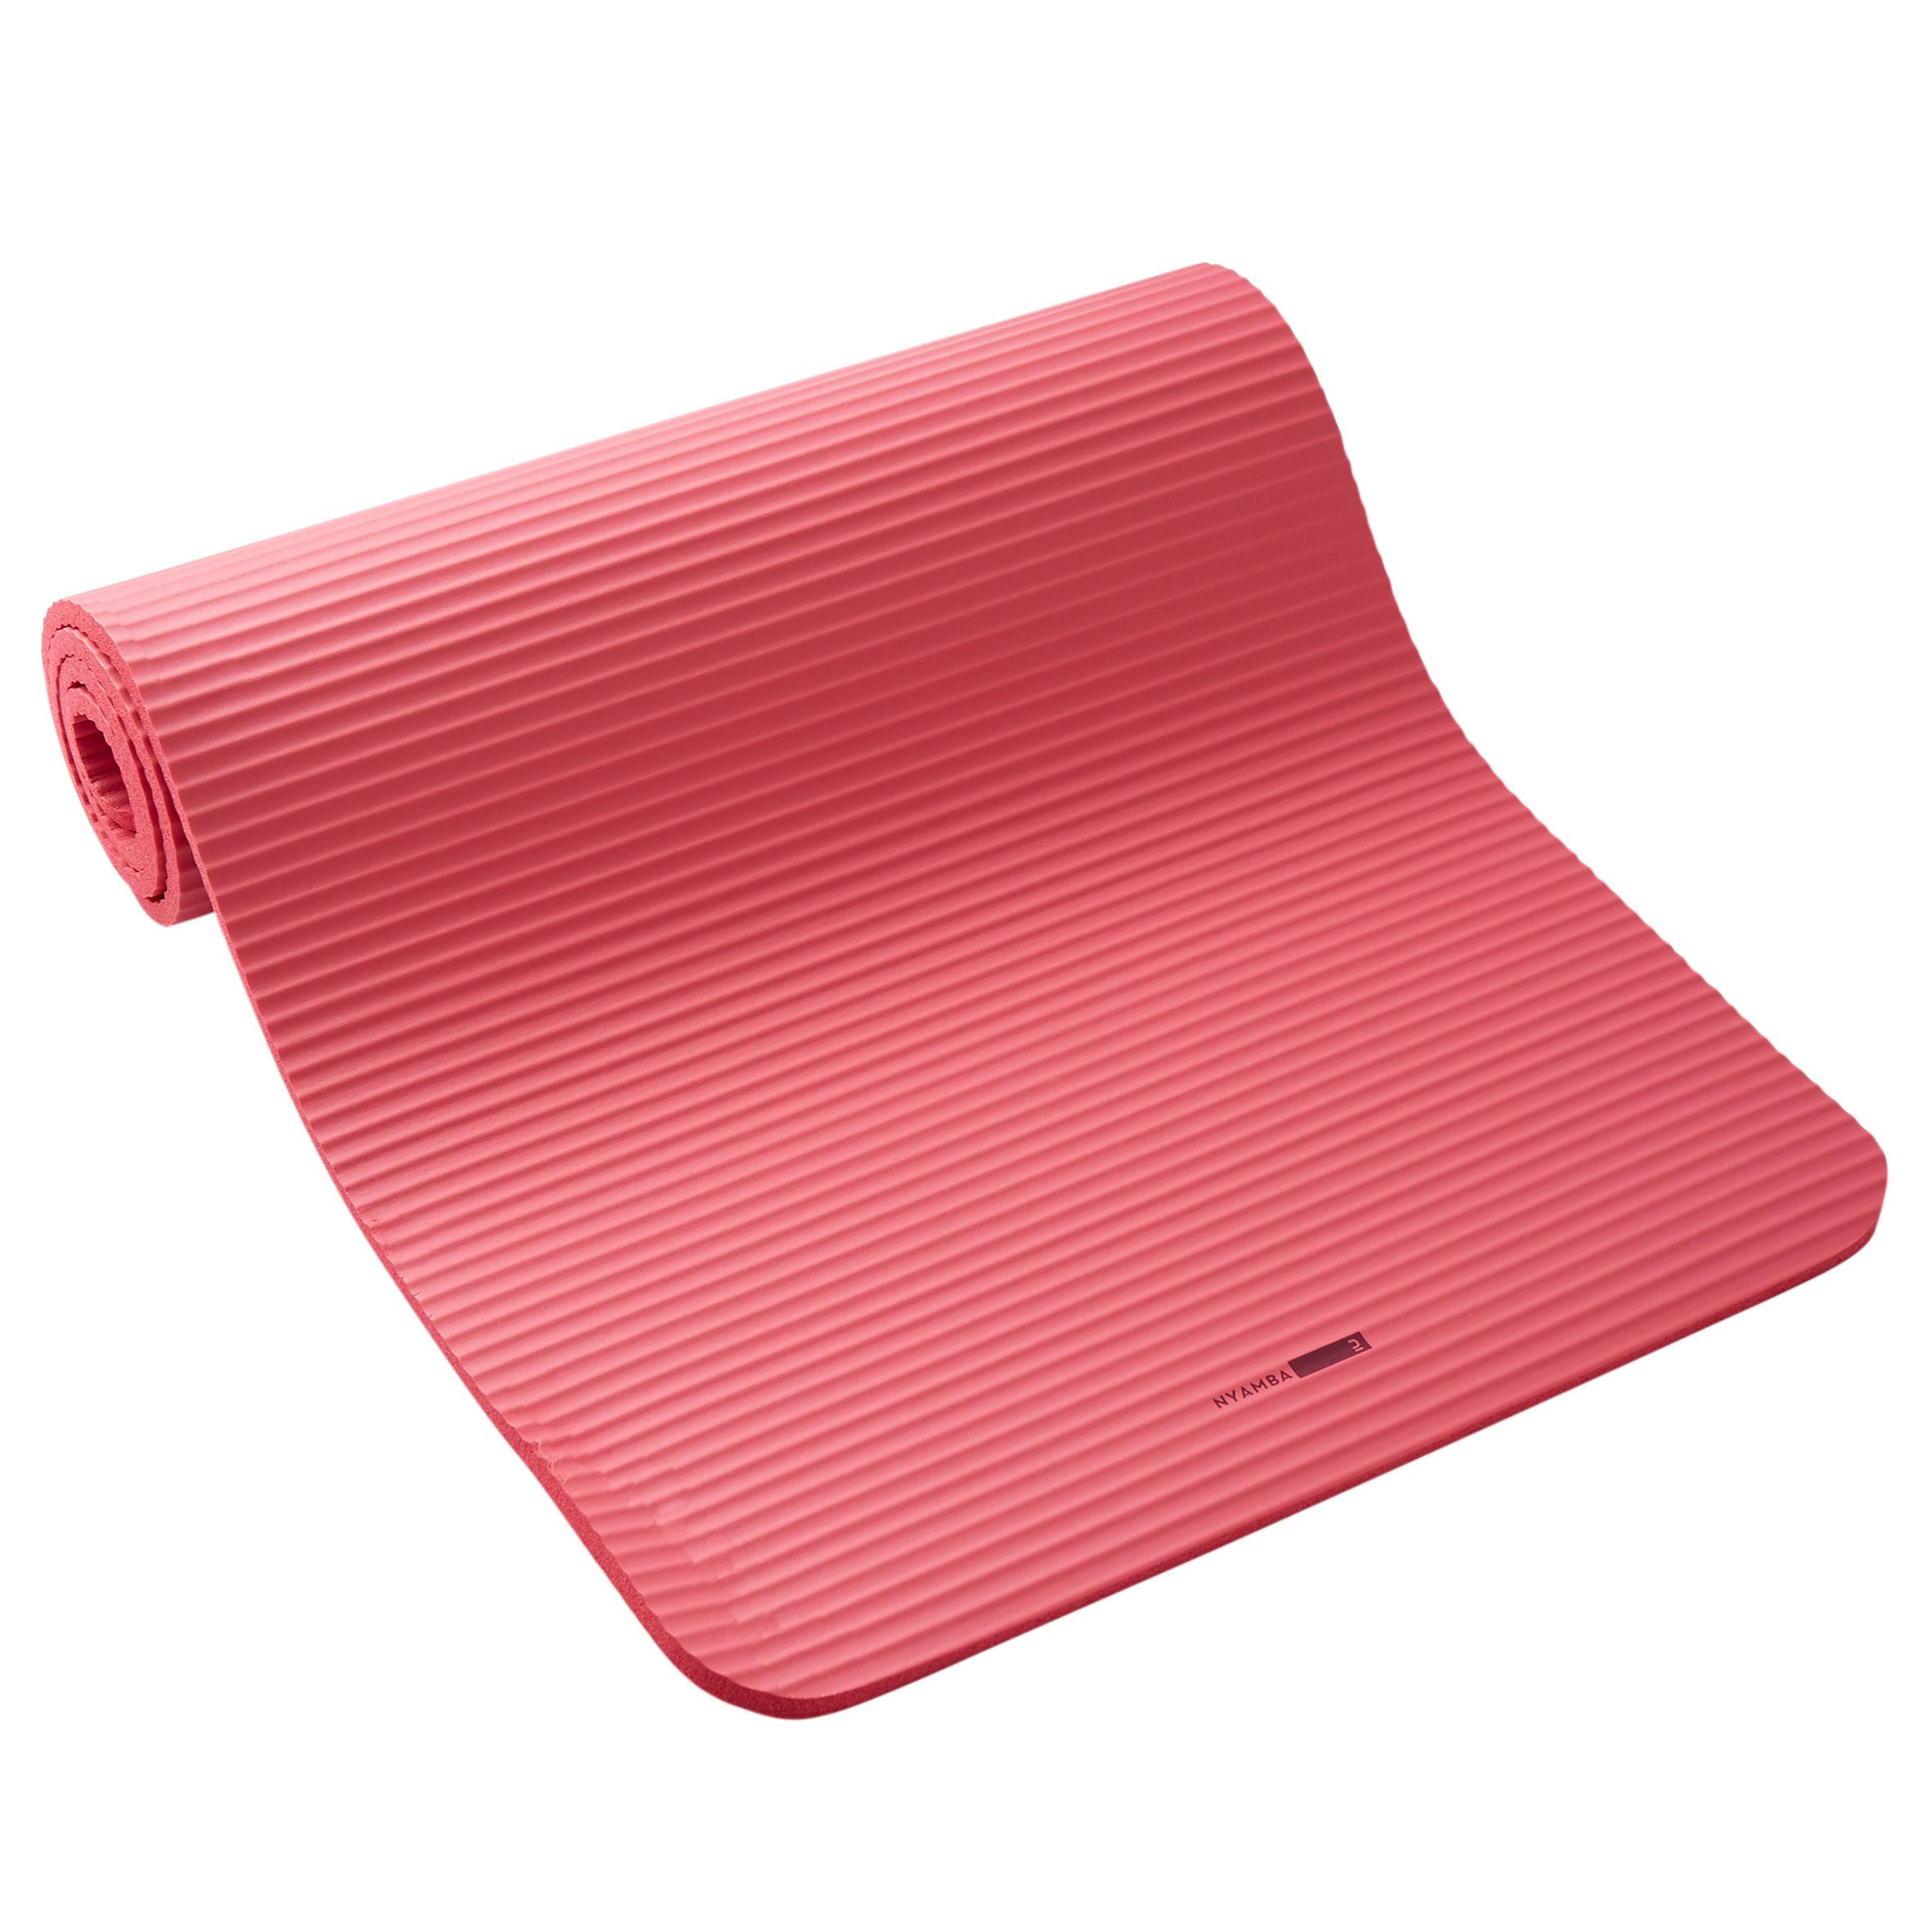 tapis de sol confort fitness 170cmx55cmx10mm